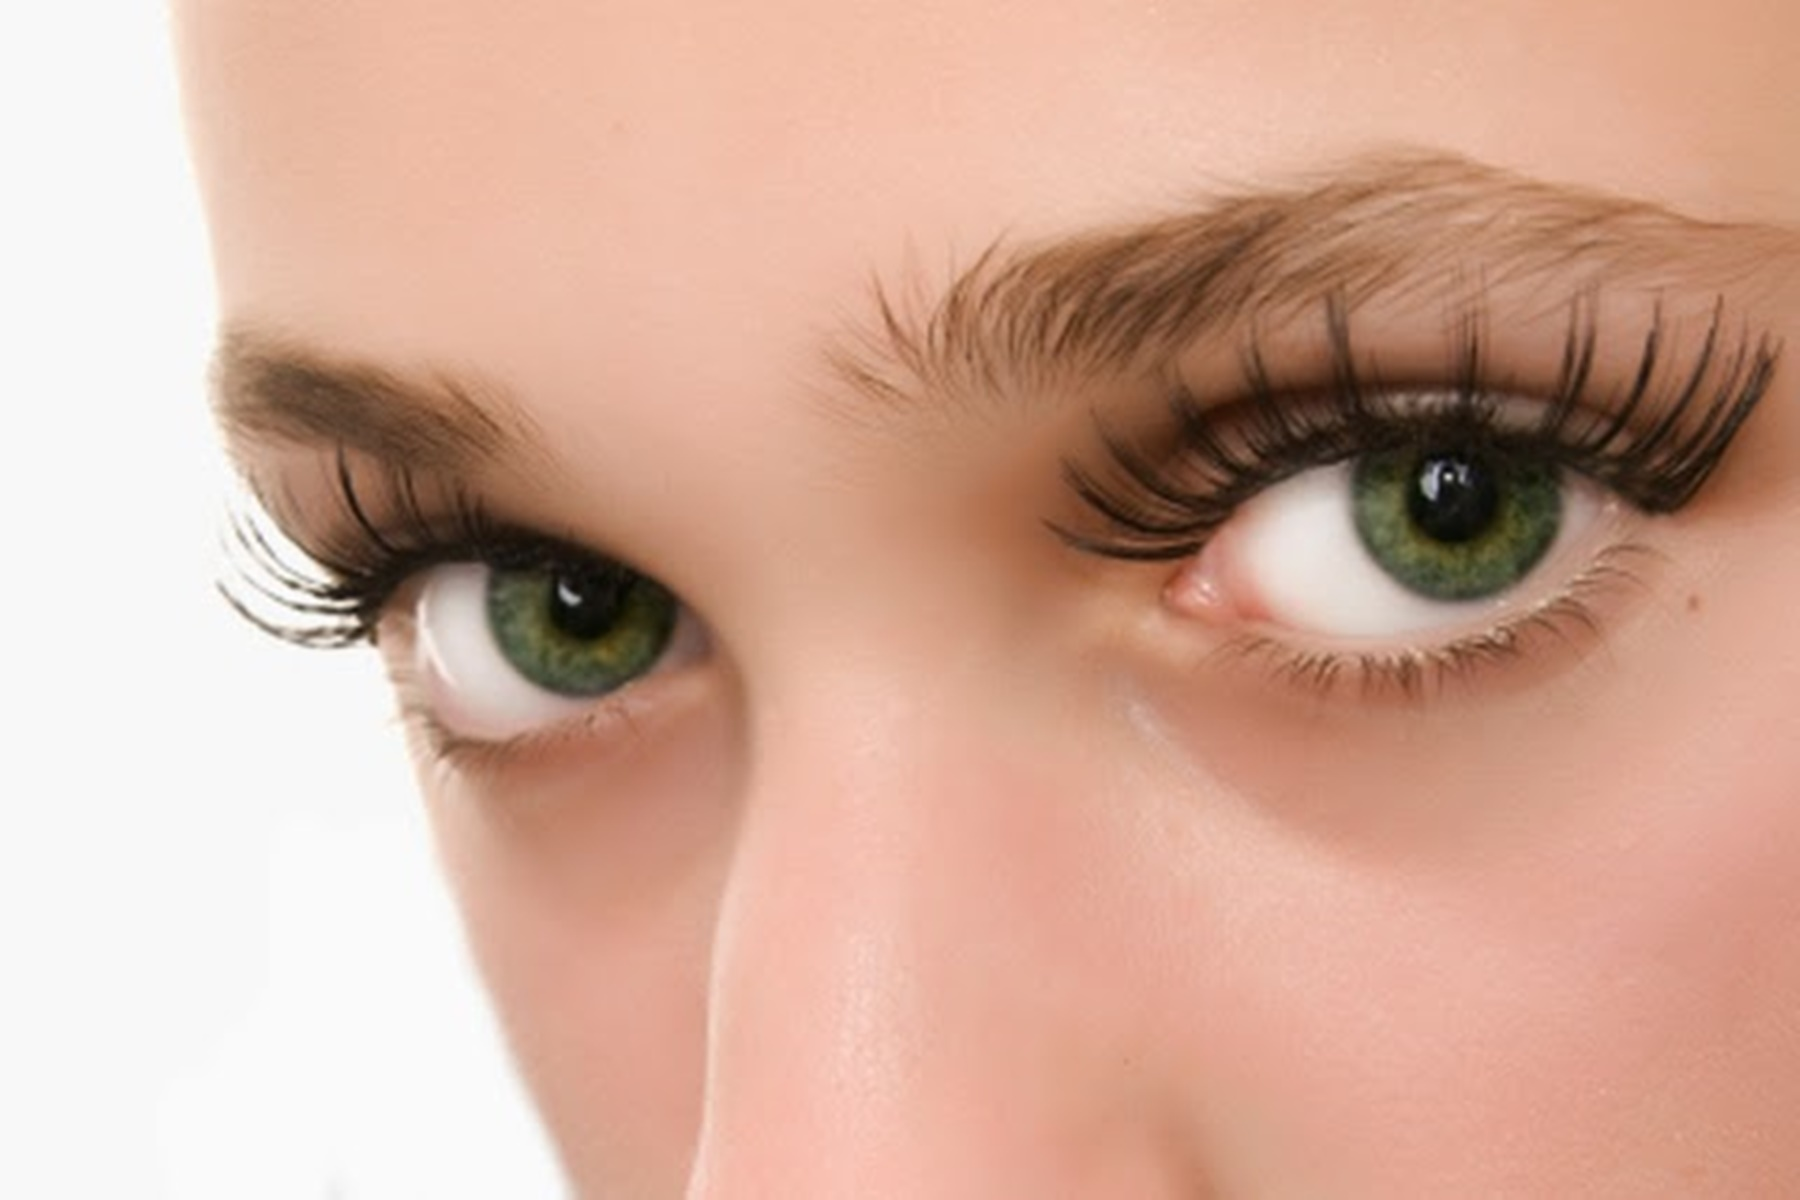 Μάτια : Βιταμίνες που χρειάζονται για να είναι υγιή